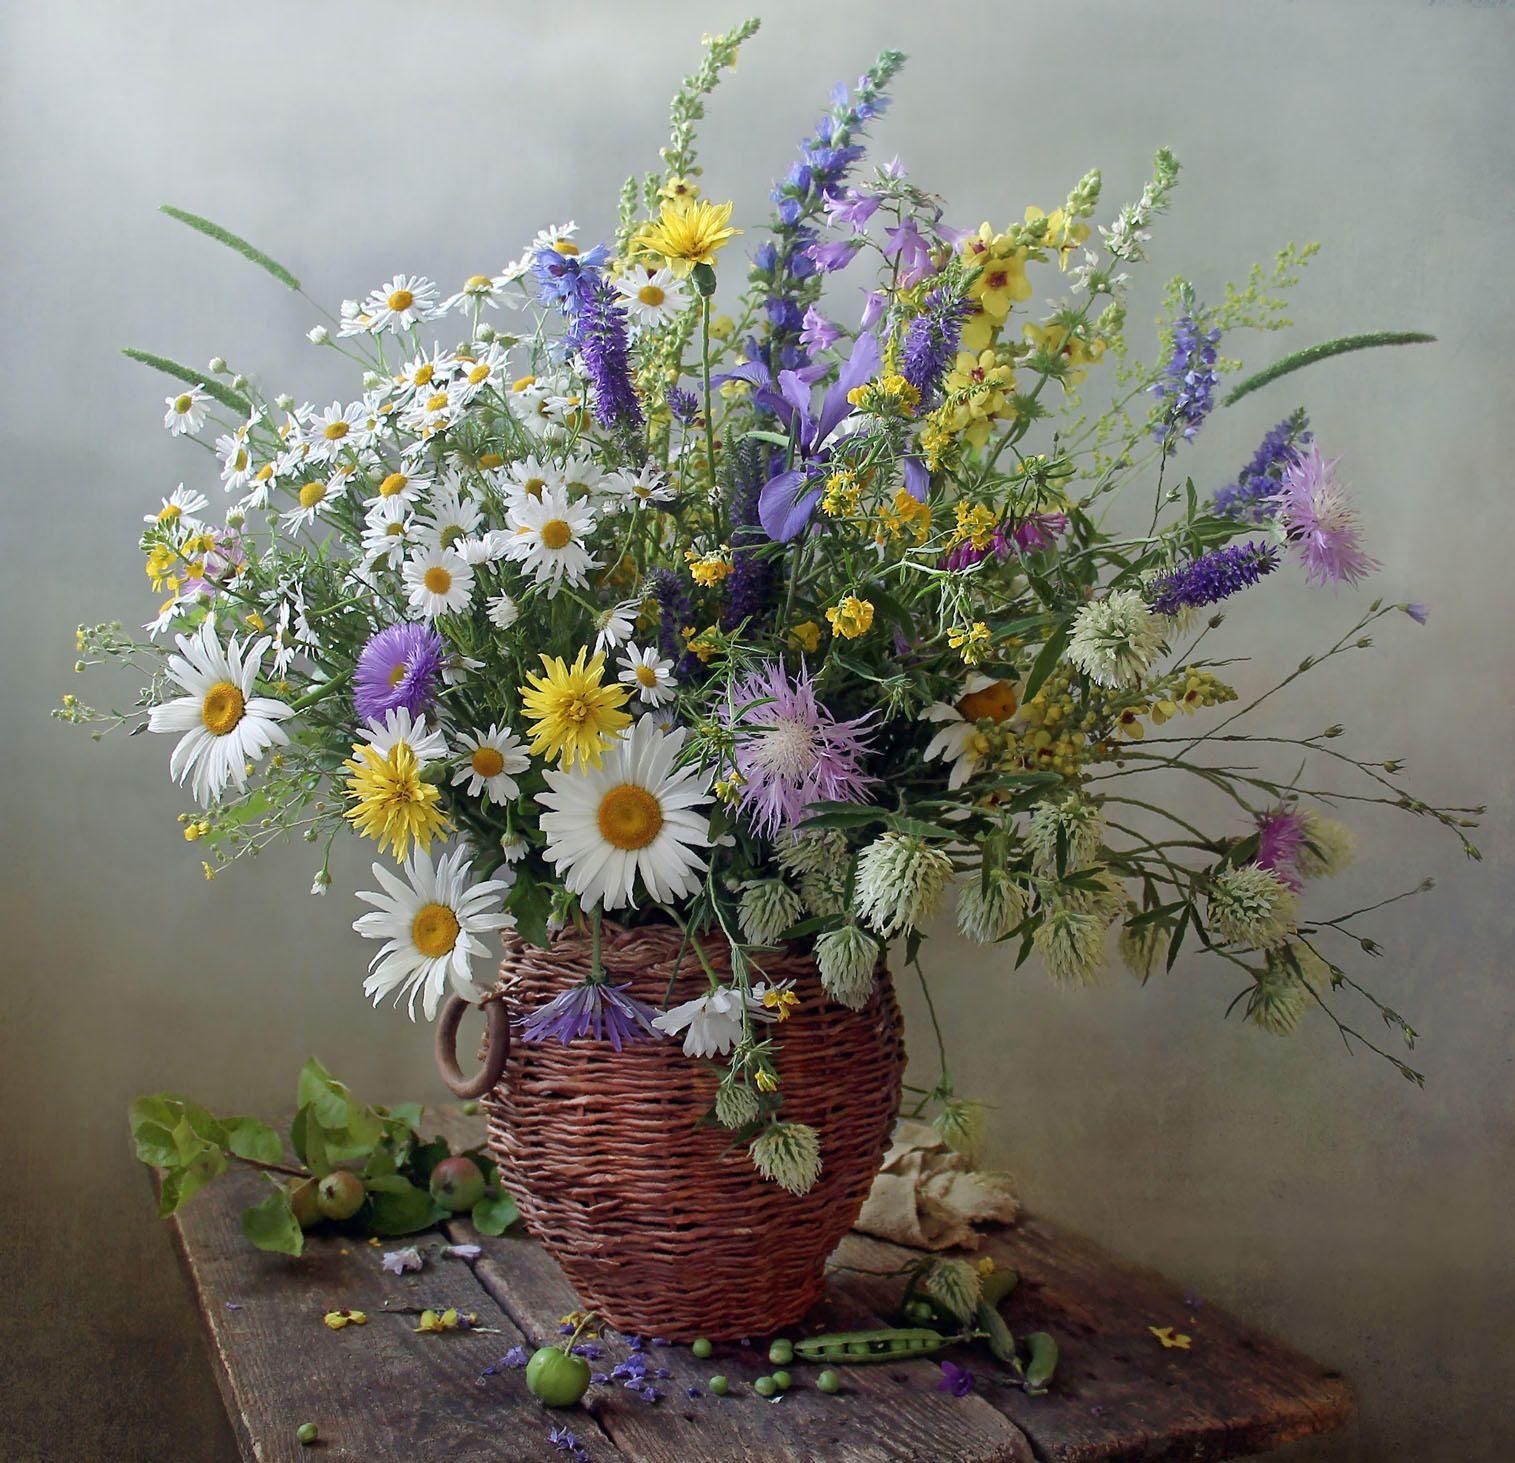 орбакайте, это открытки полевые цветы в букетах фото лучшего